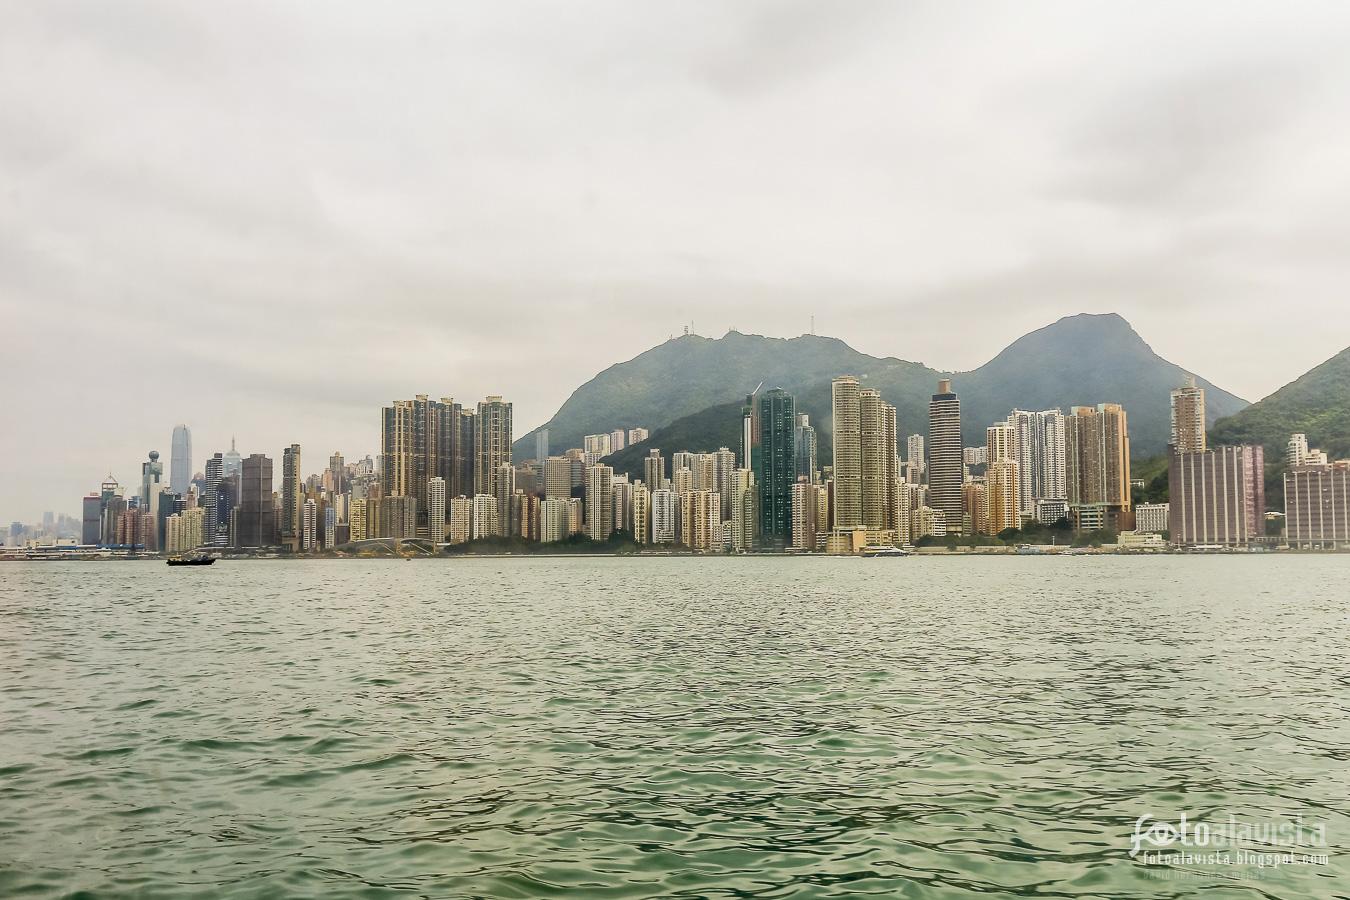 Skyline de Hong Kong con montañas - Fotografía artística